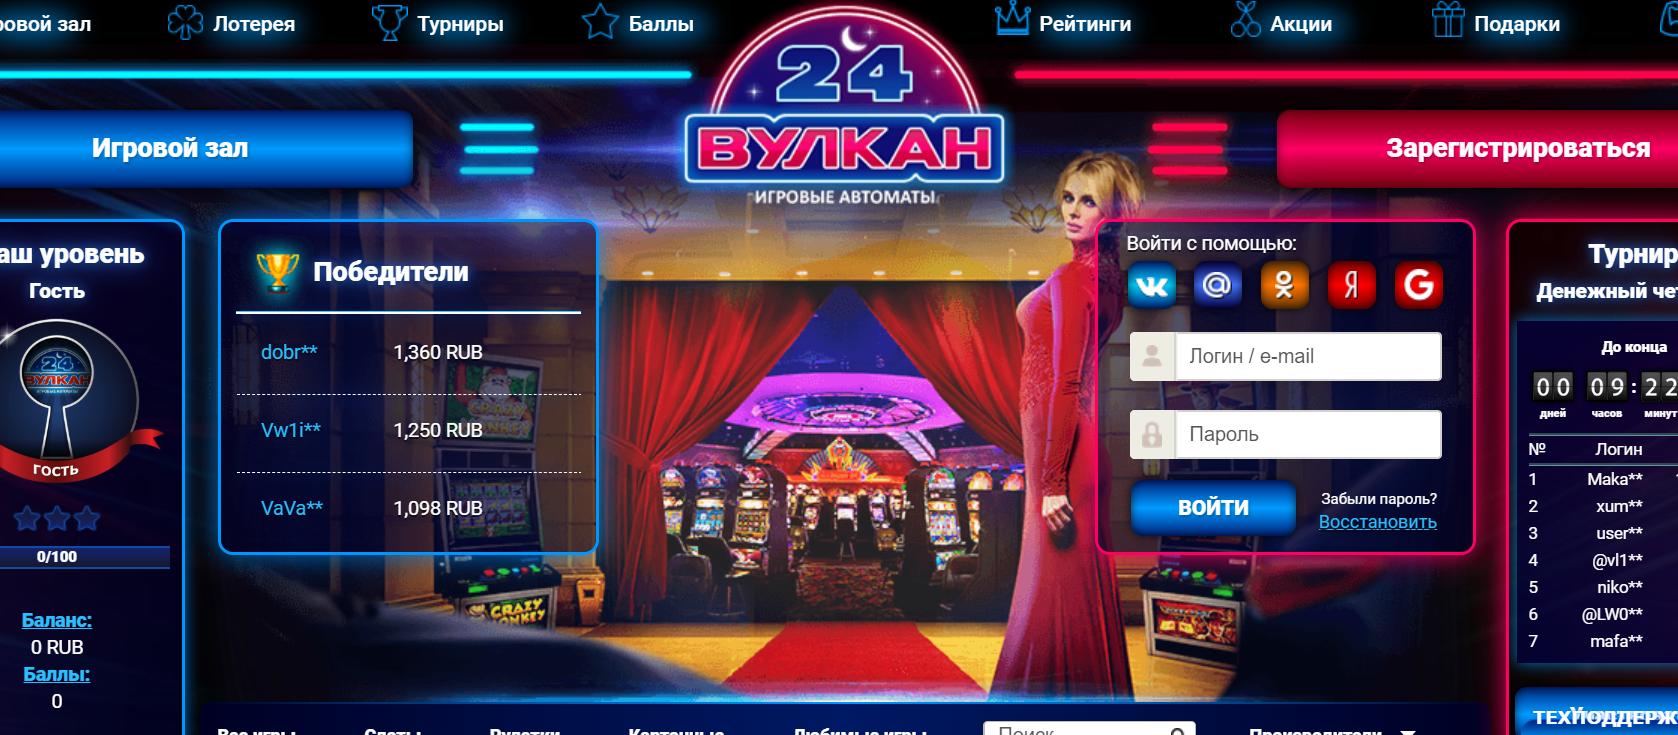 Не знаете, где можно развлечься и заработать? В казино Вулкан 24 онлайн!